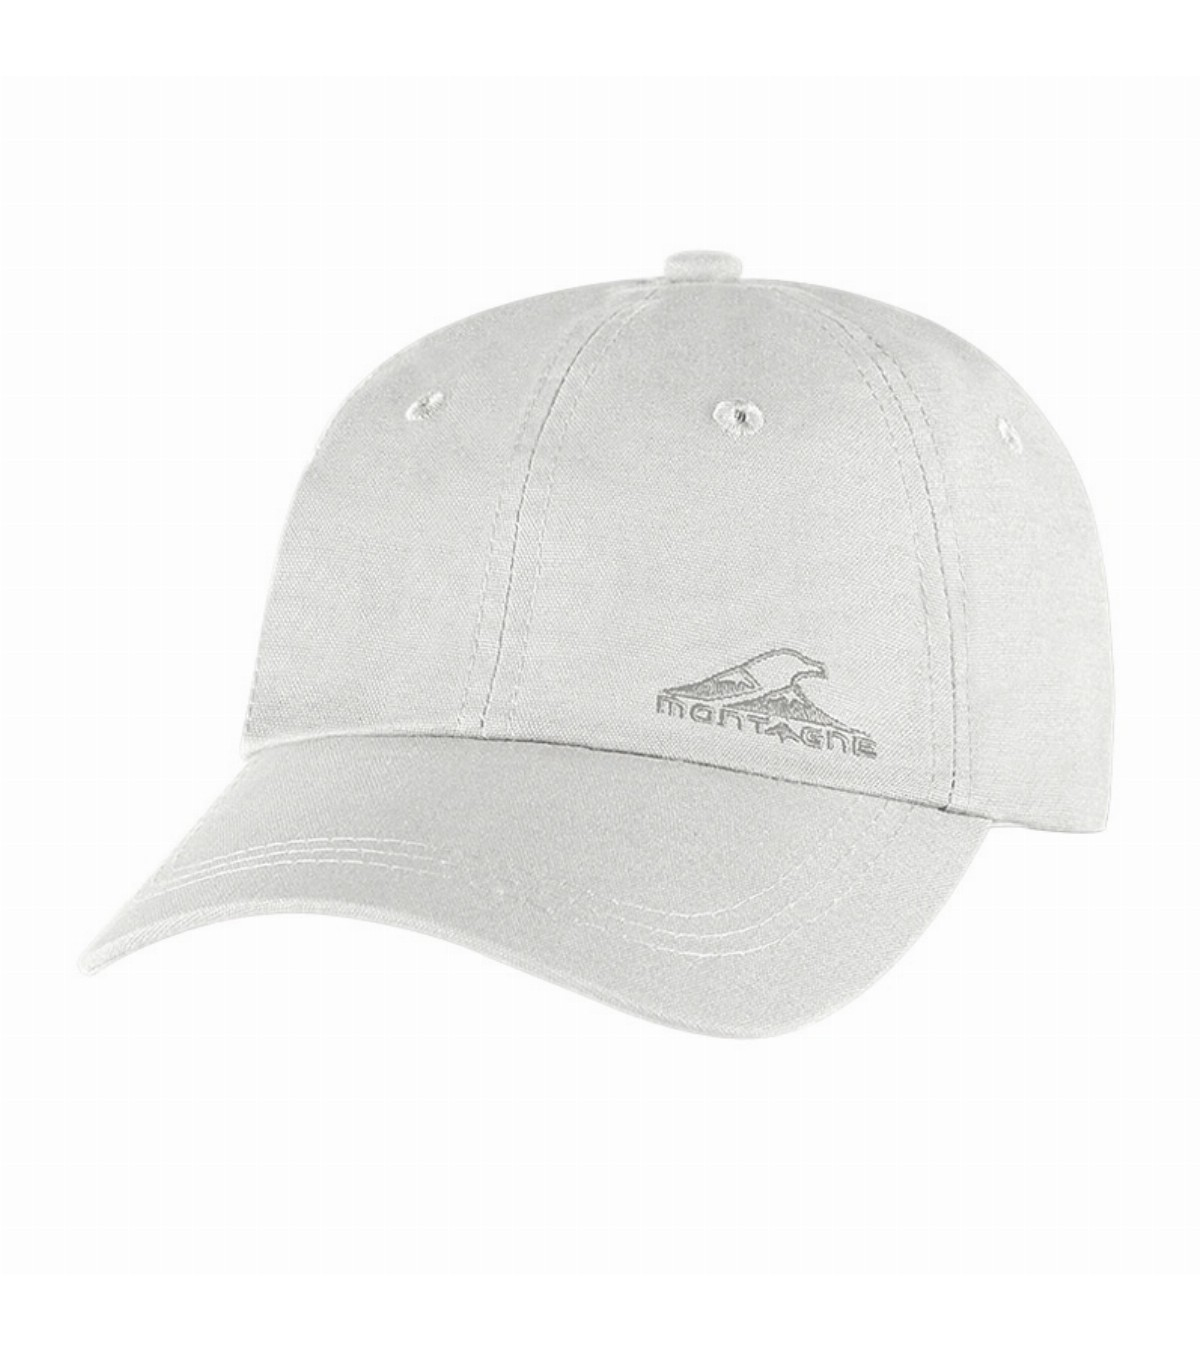 Gorro Cotton Cap